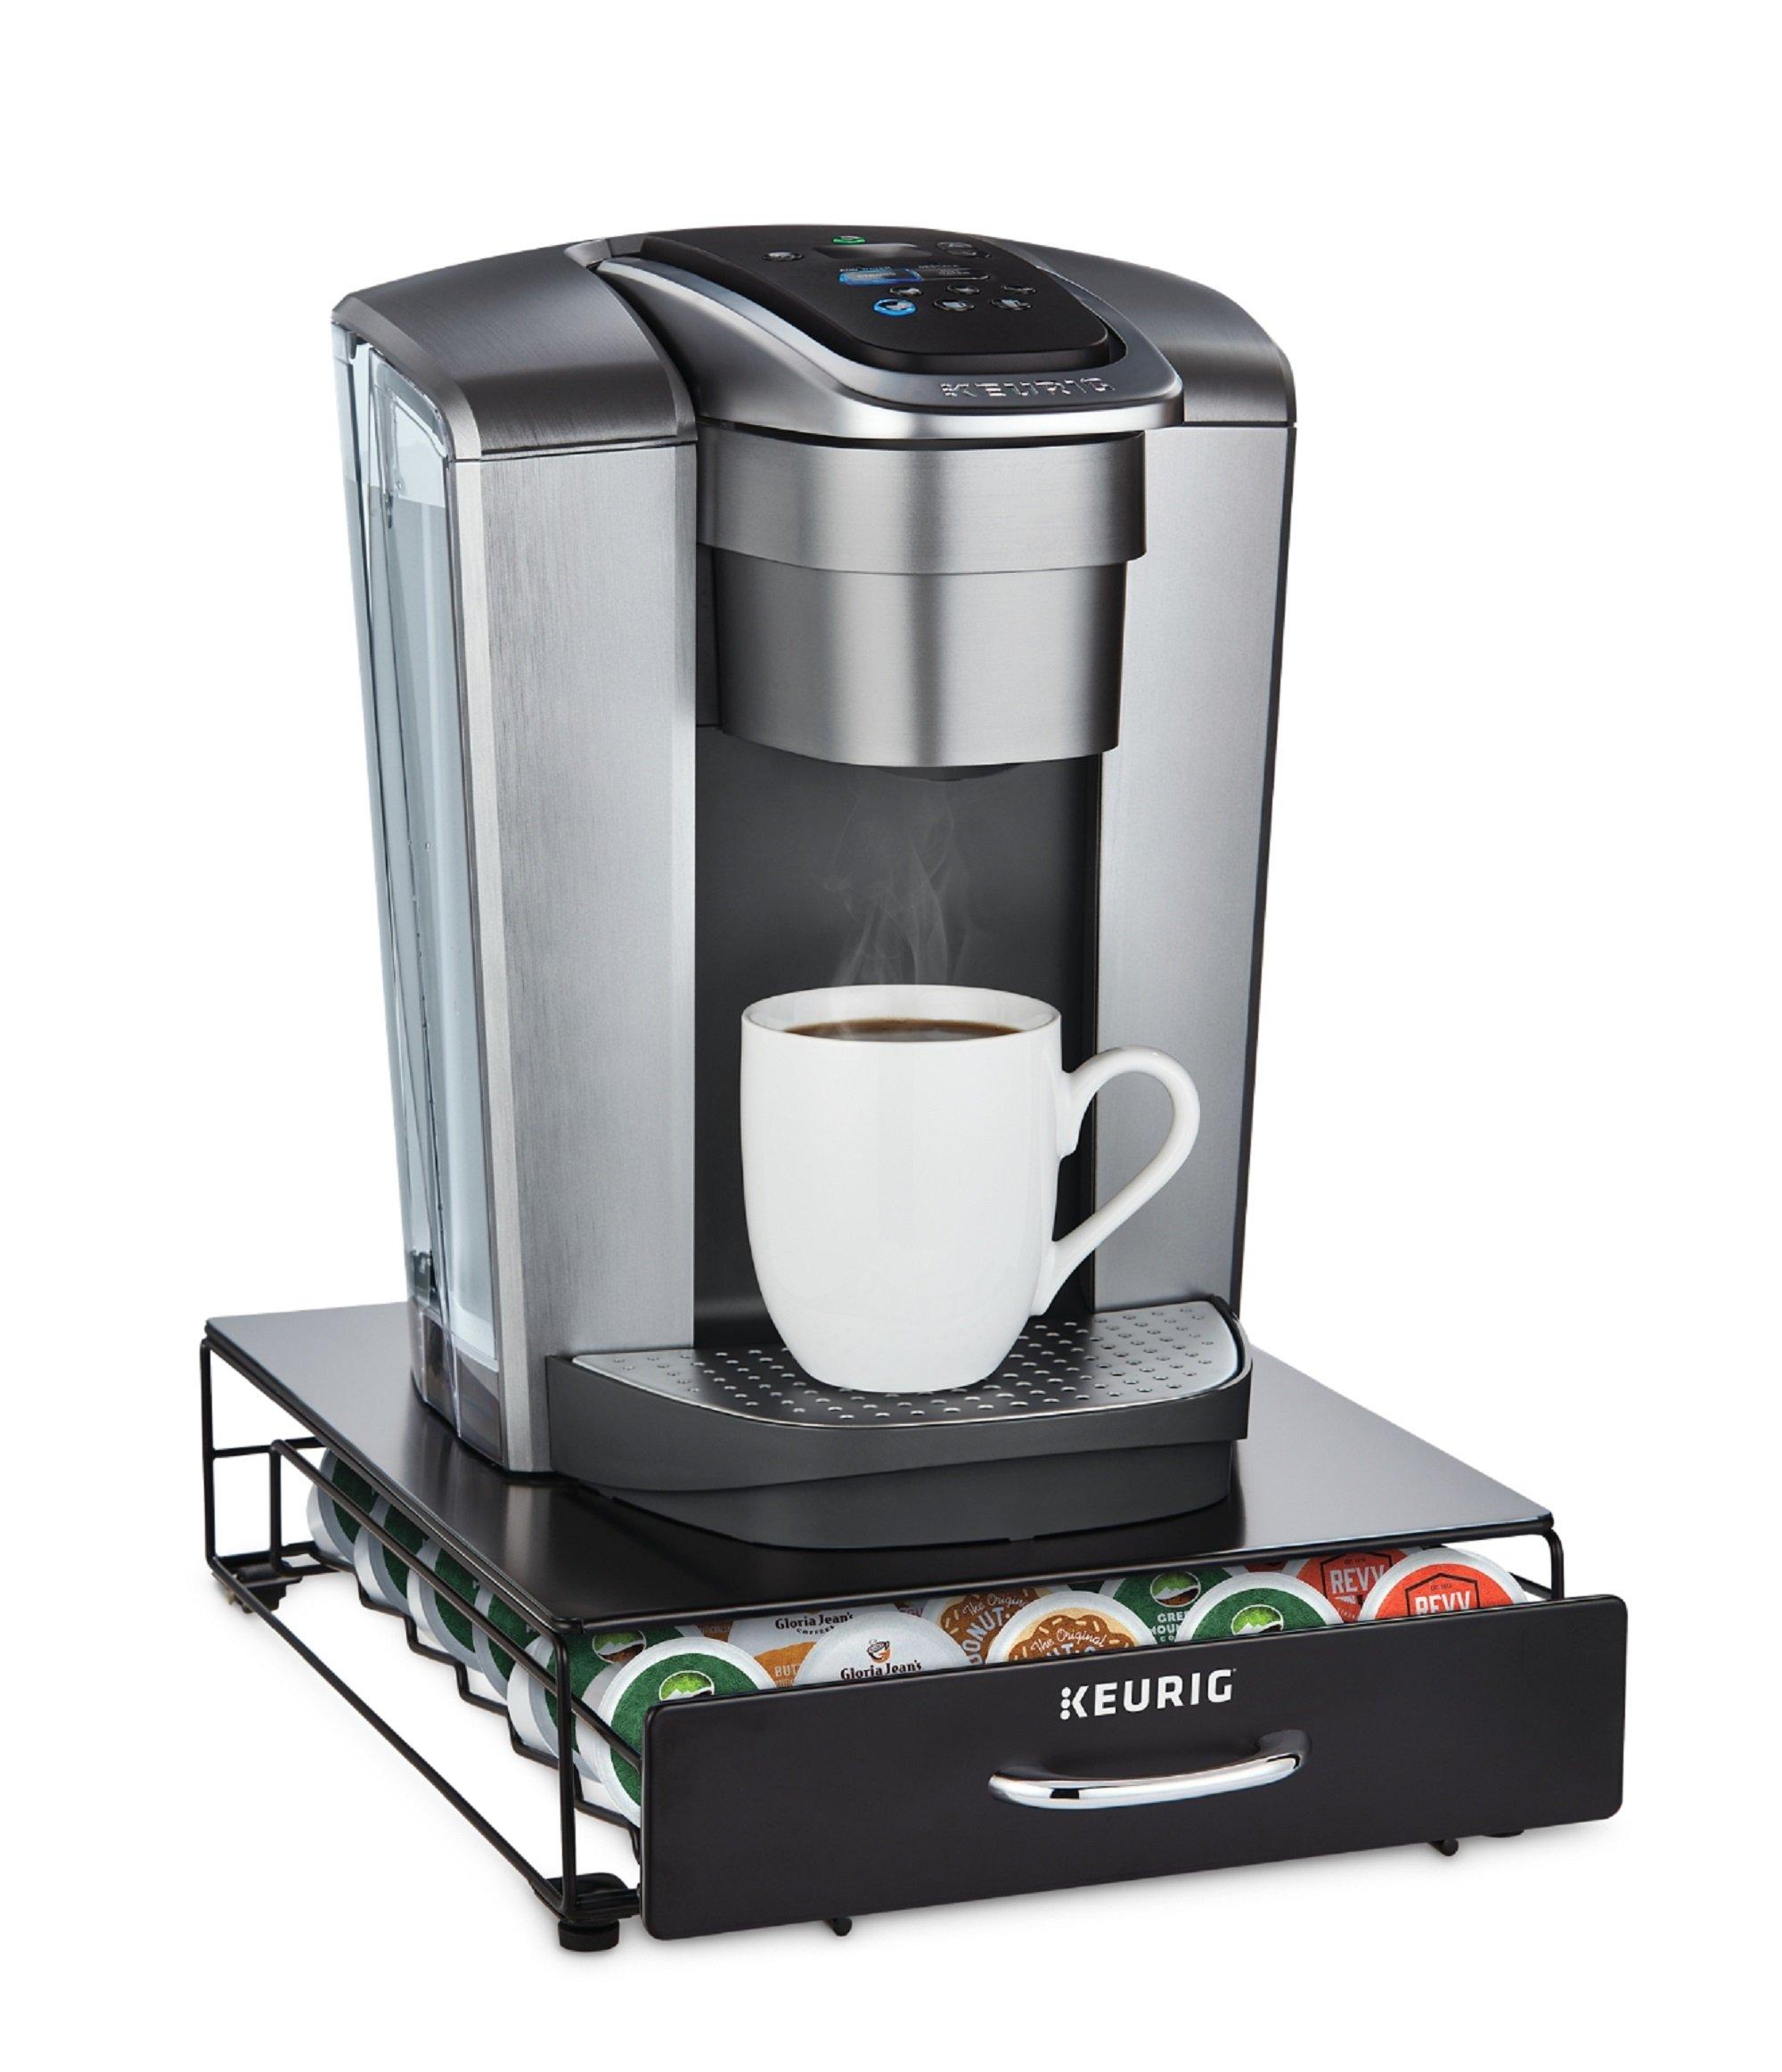 Keurig Under Brewer Storage Drawer, K-Cup Pod Organizer Holds 35 Coffee Pods, Fits Under Keurig K-Cup Pod Coffee Makers, Black by Keurig (Image #3)